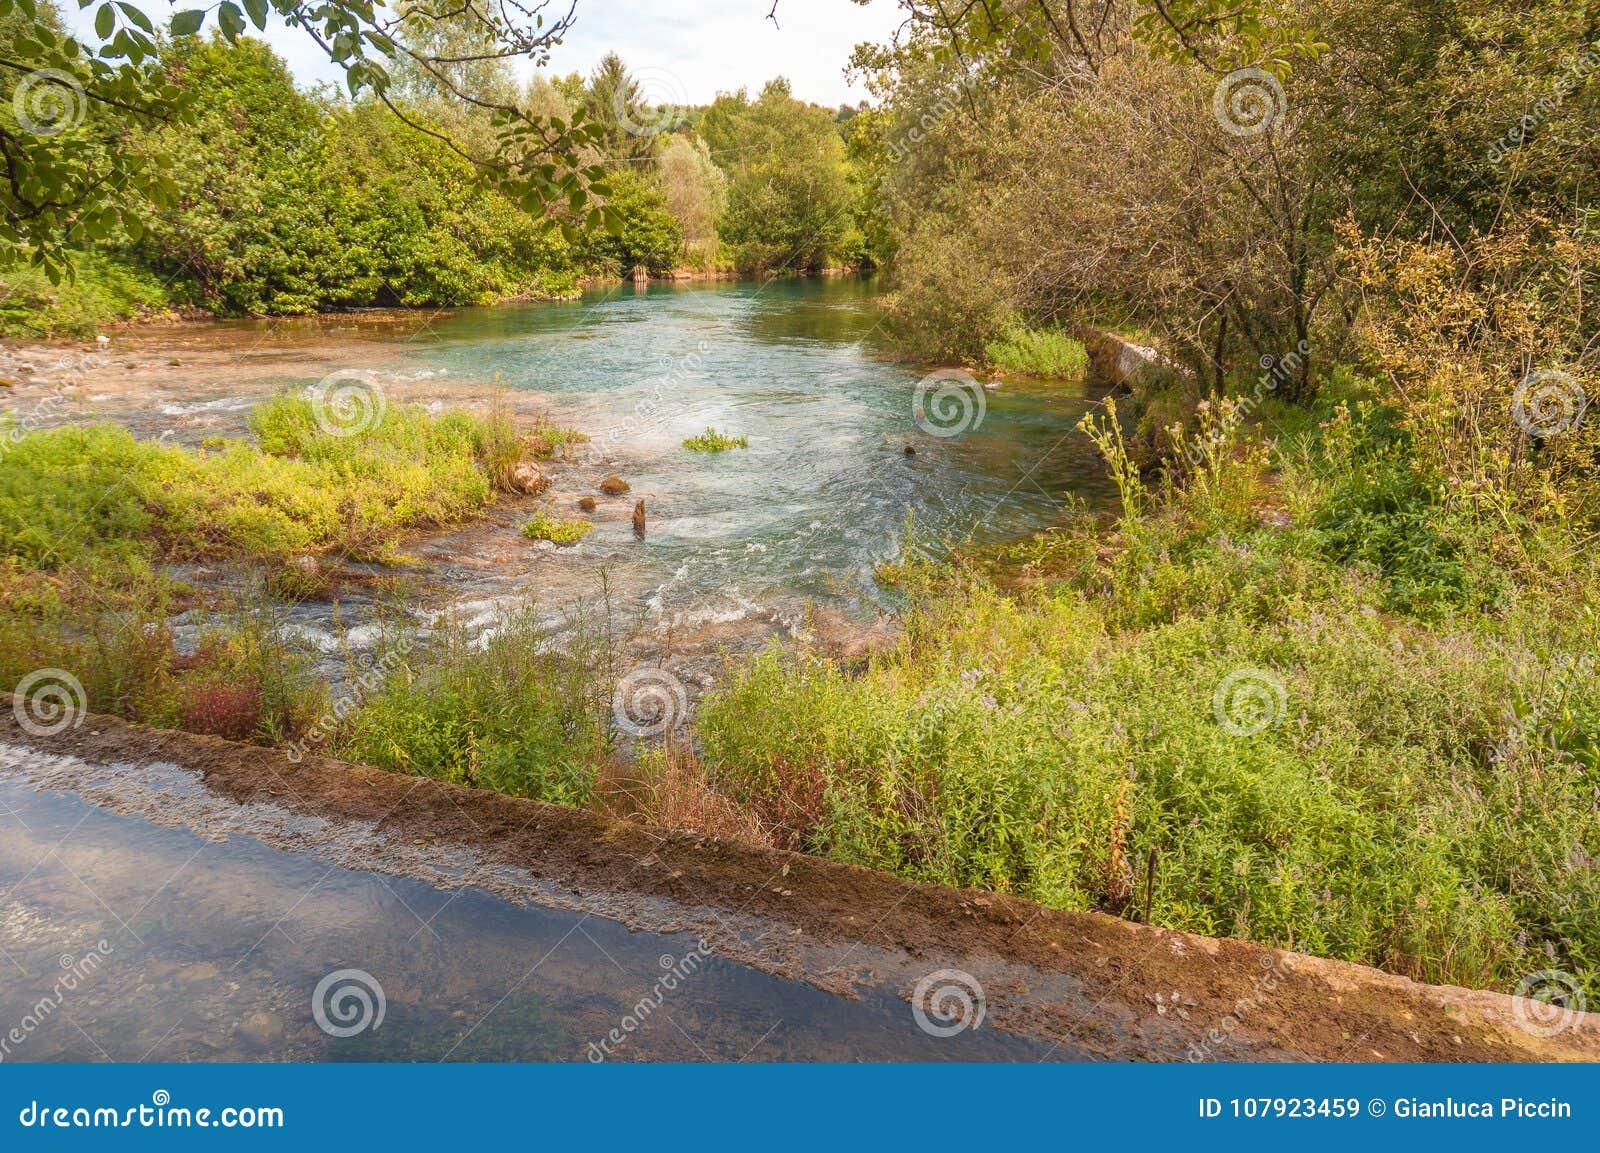 Fuente del río de Livenza, Italia